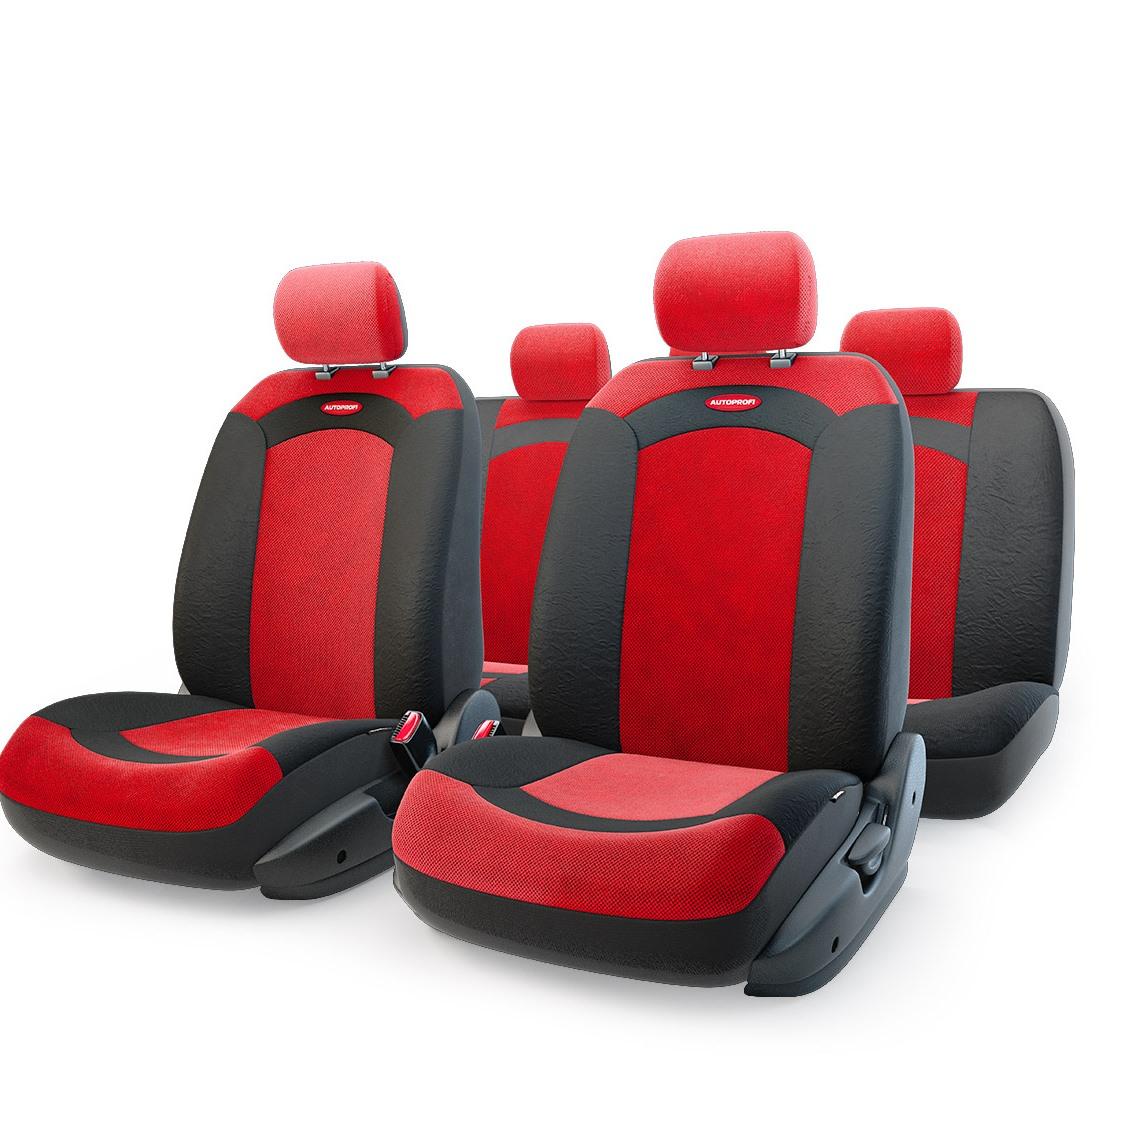 Чехол на сиденье Autoprofi Xtr-803 bk/rd (m) чехол на сиденье autoprofi gob 1105 gy line m